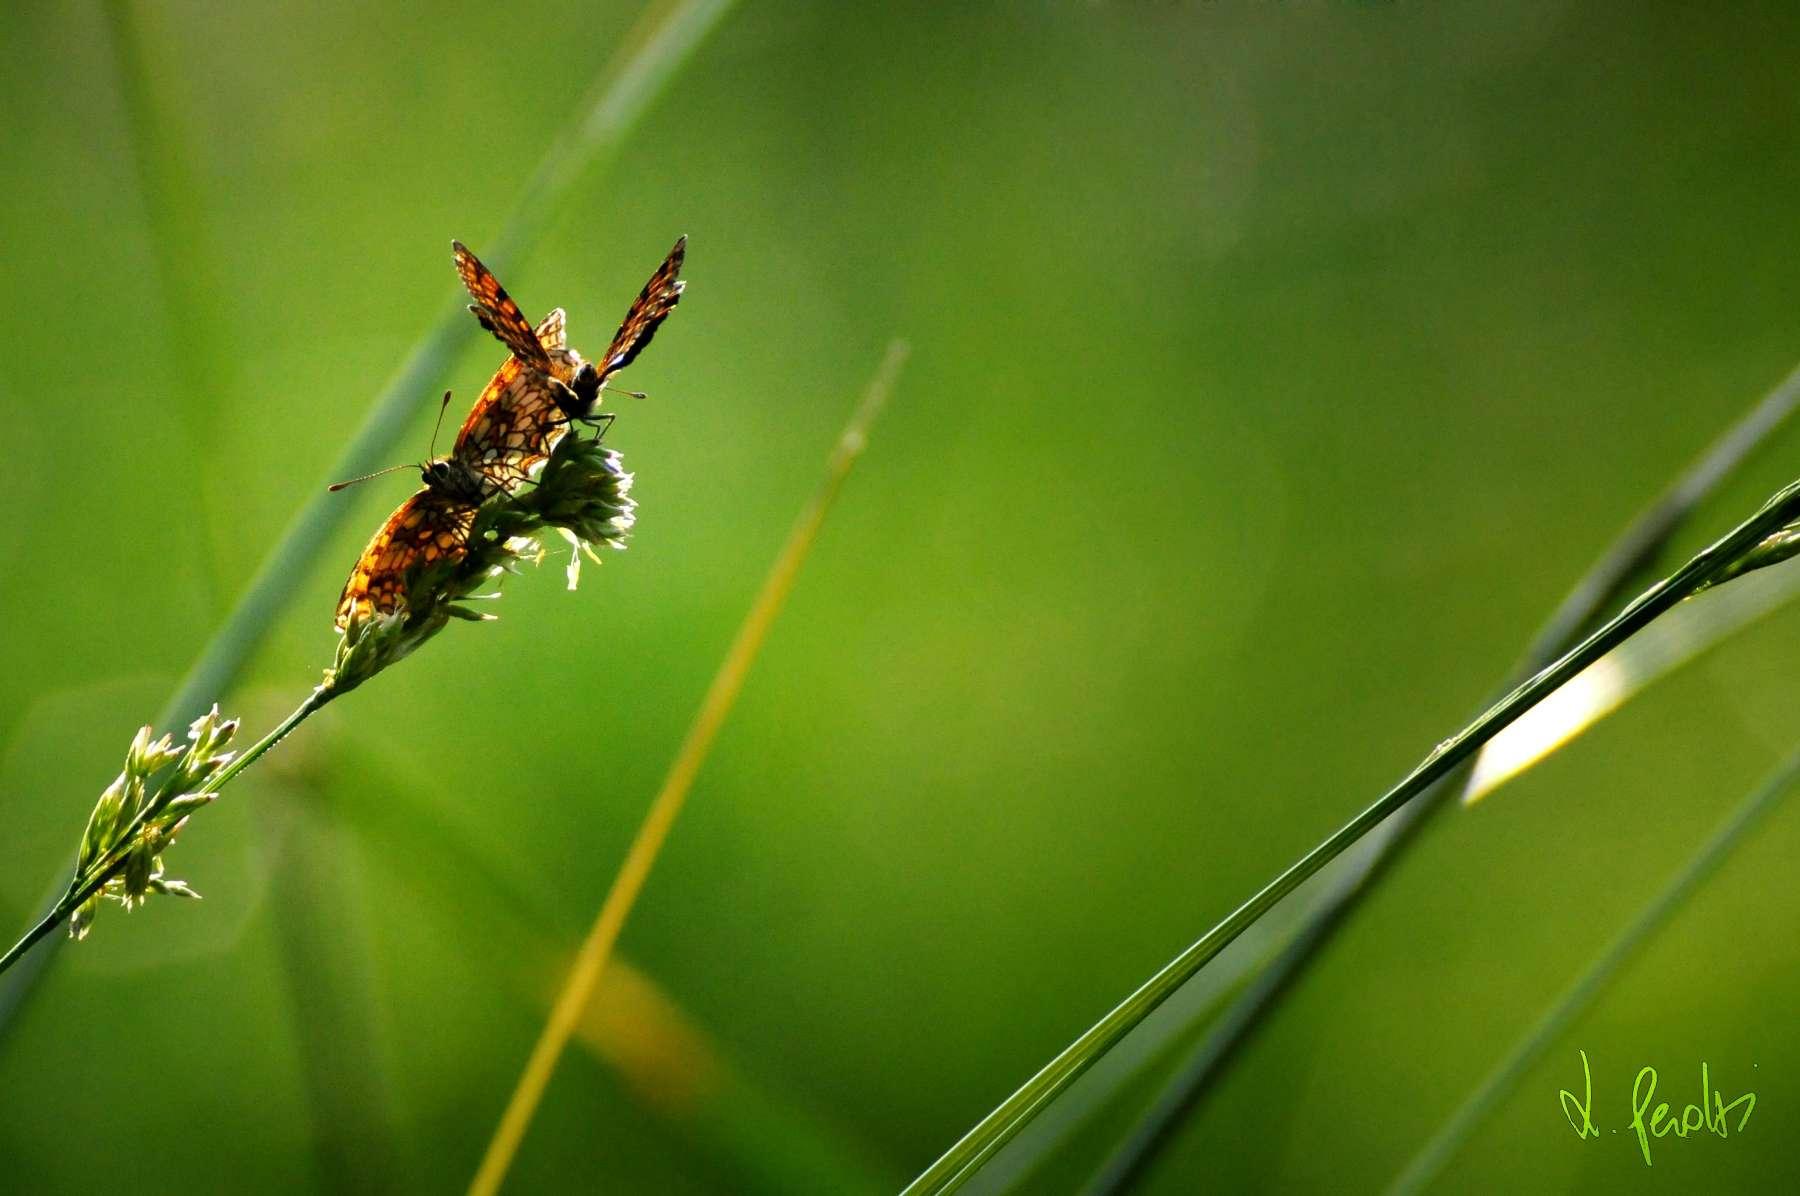 Farfalla-DSC_3529